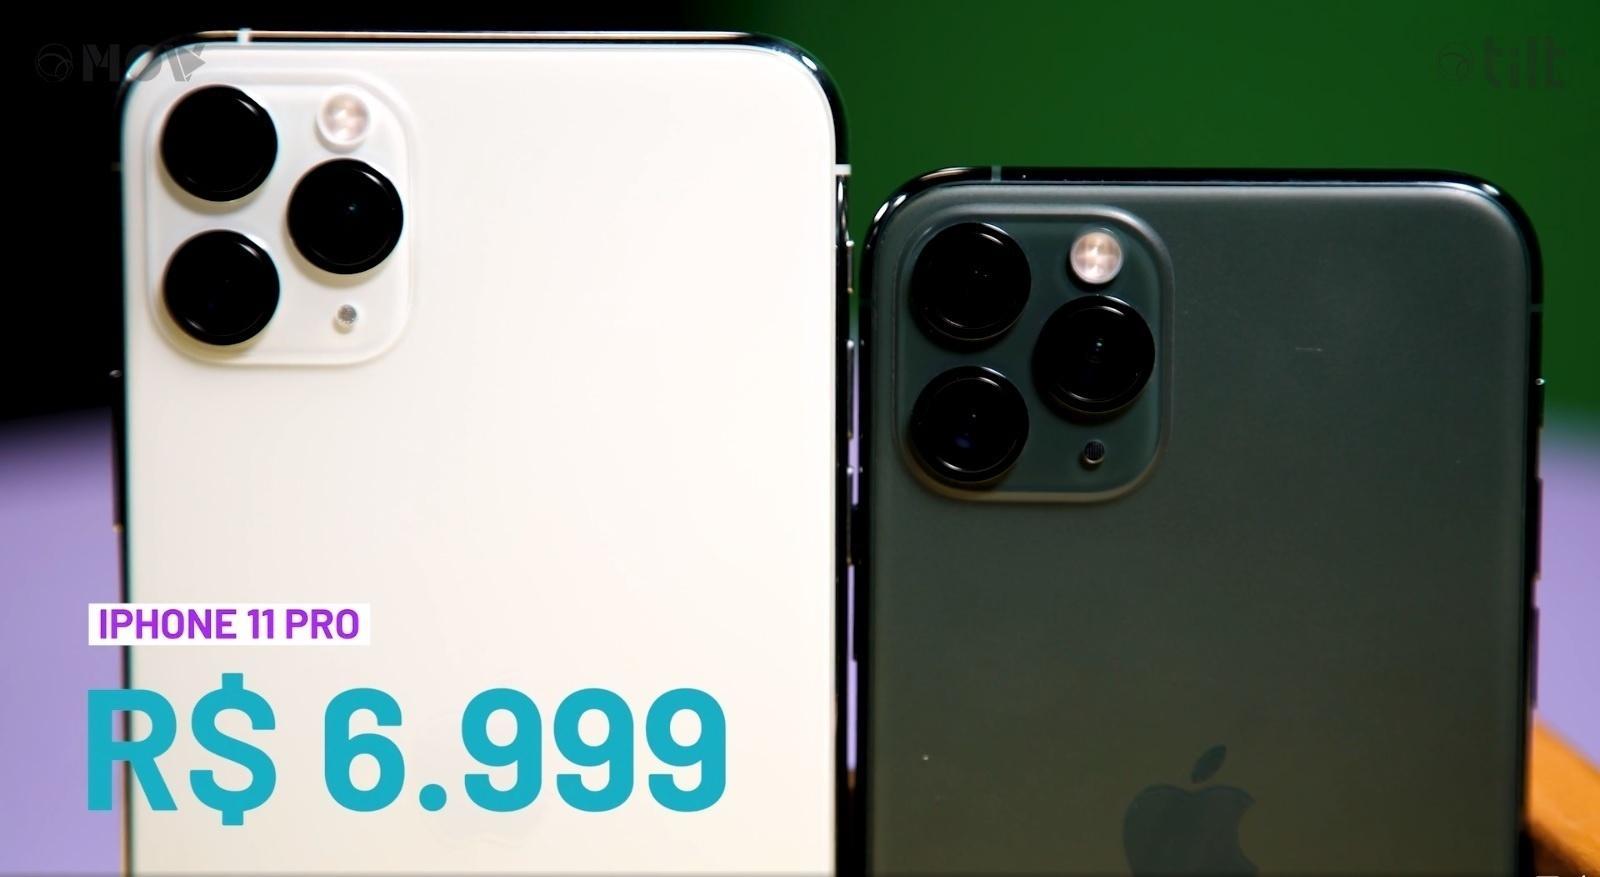 Iphone 11 Pro Bateria Para Mais De Um Dia E Tamanho Perfeito 20 11 2019 Uol Tilt